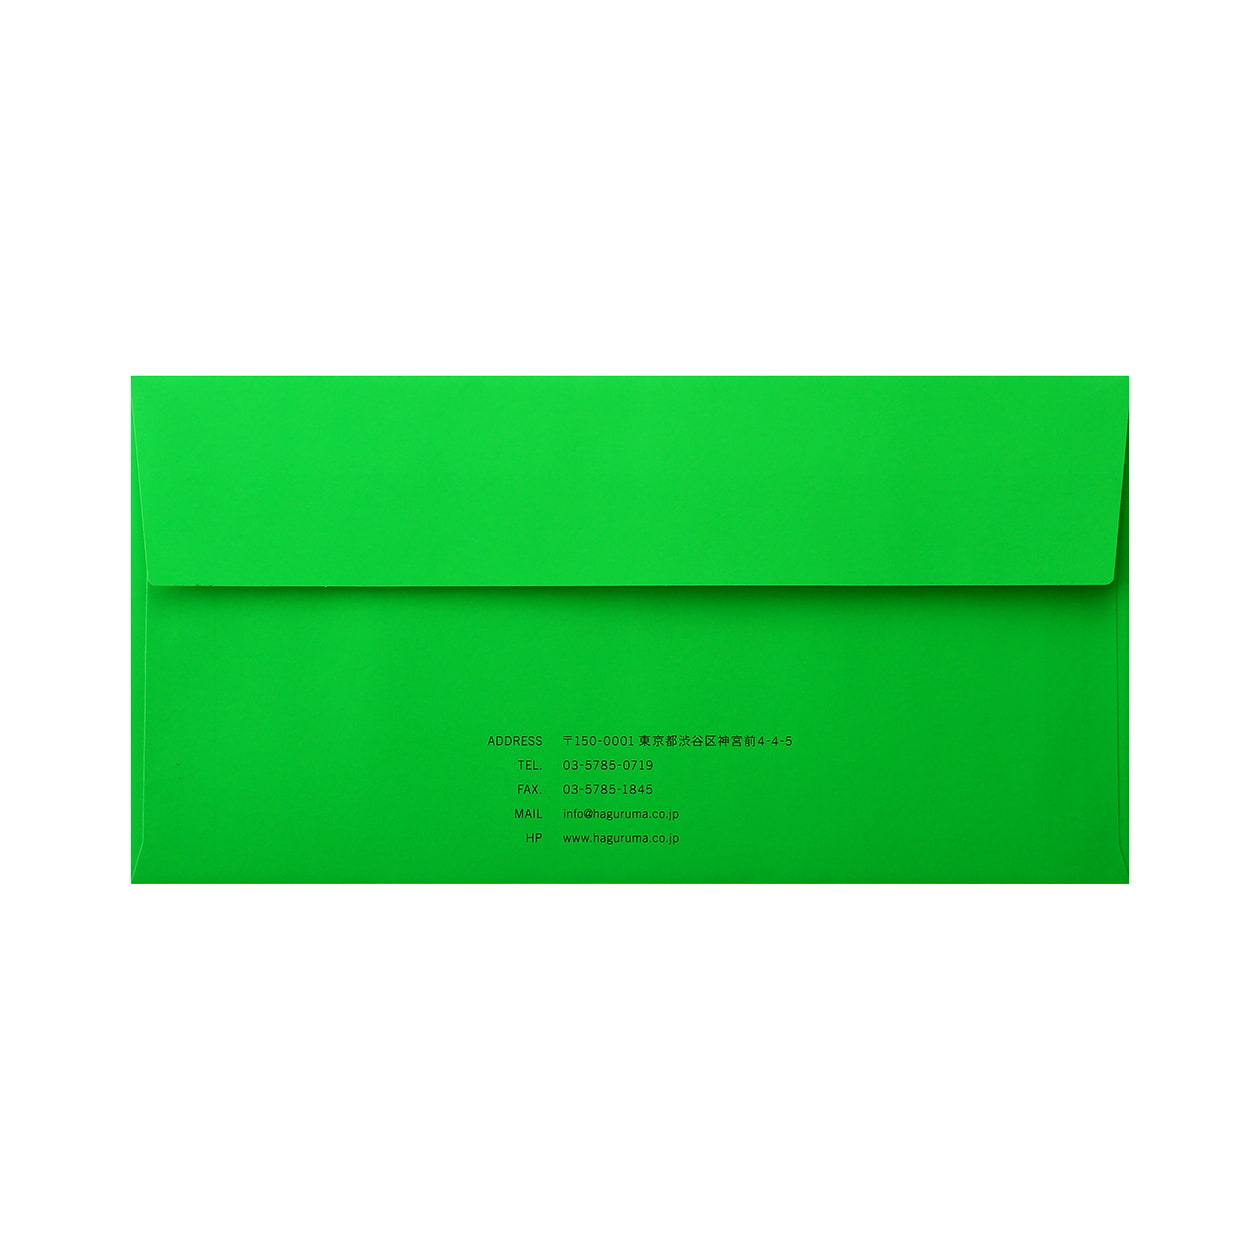 サンプル 封筒・袋 00125